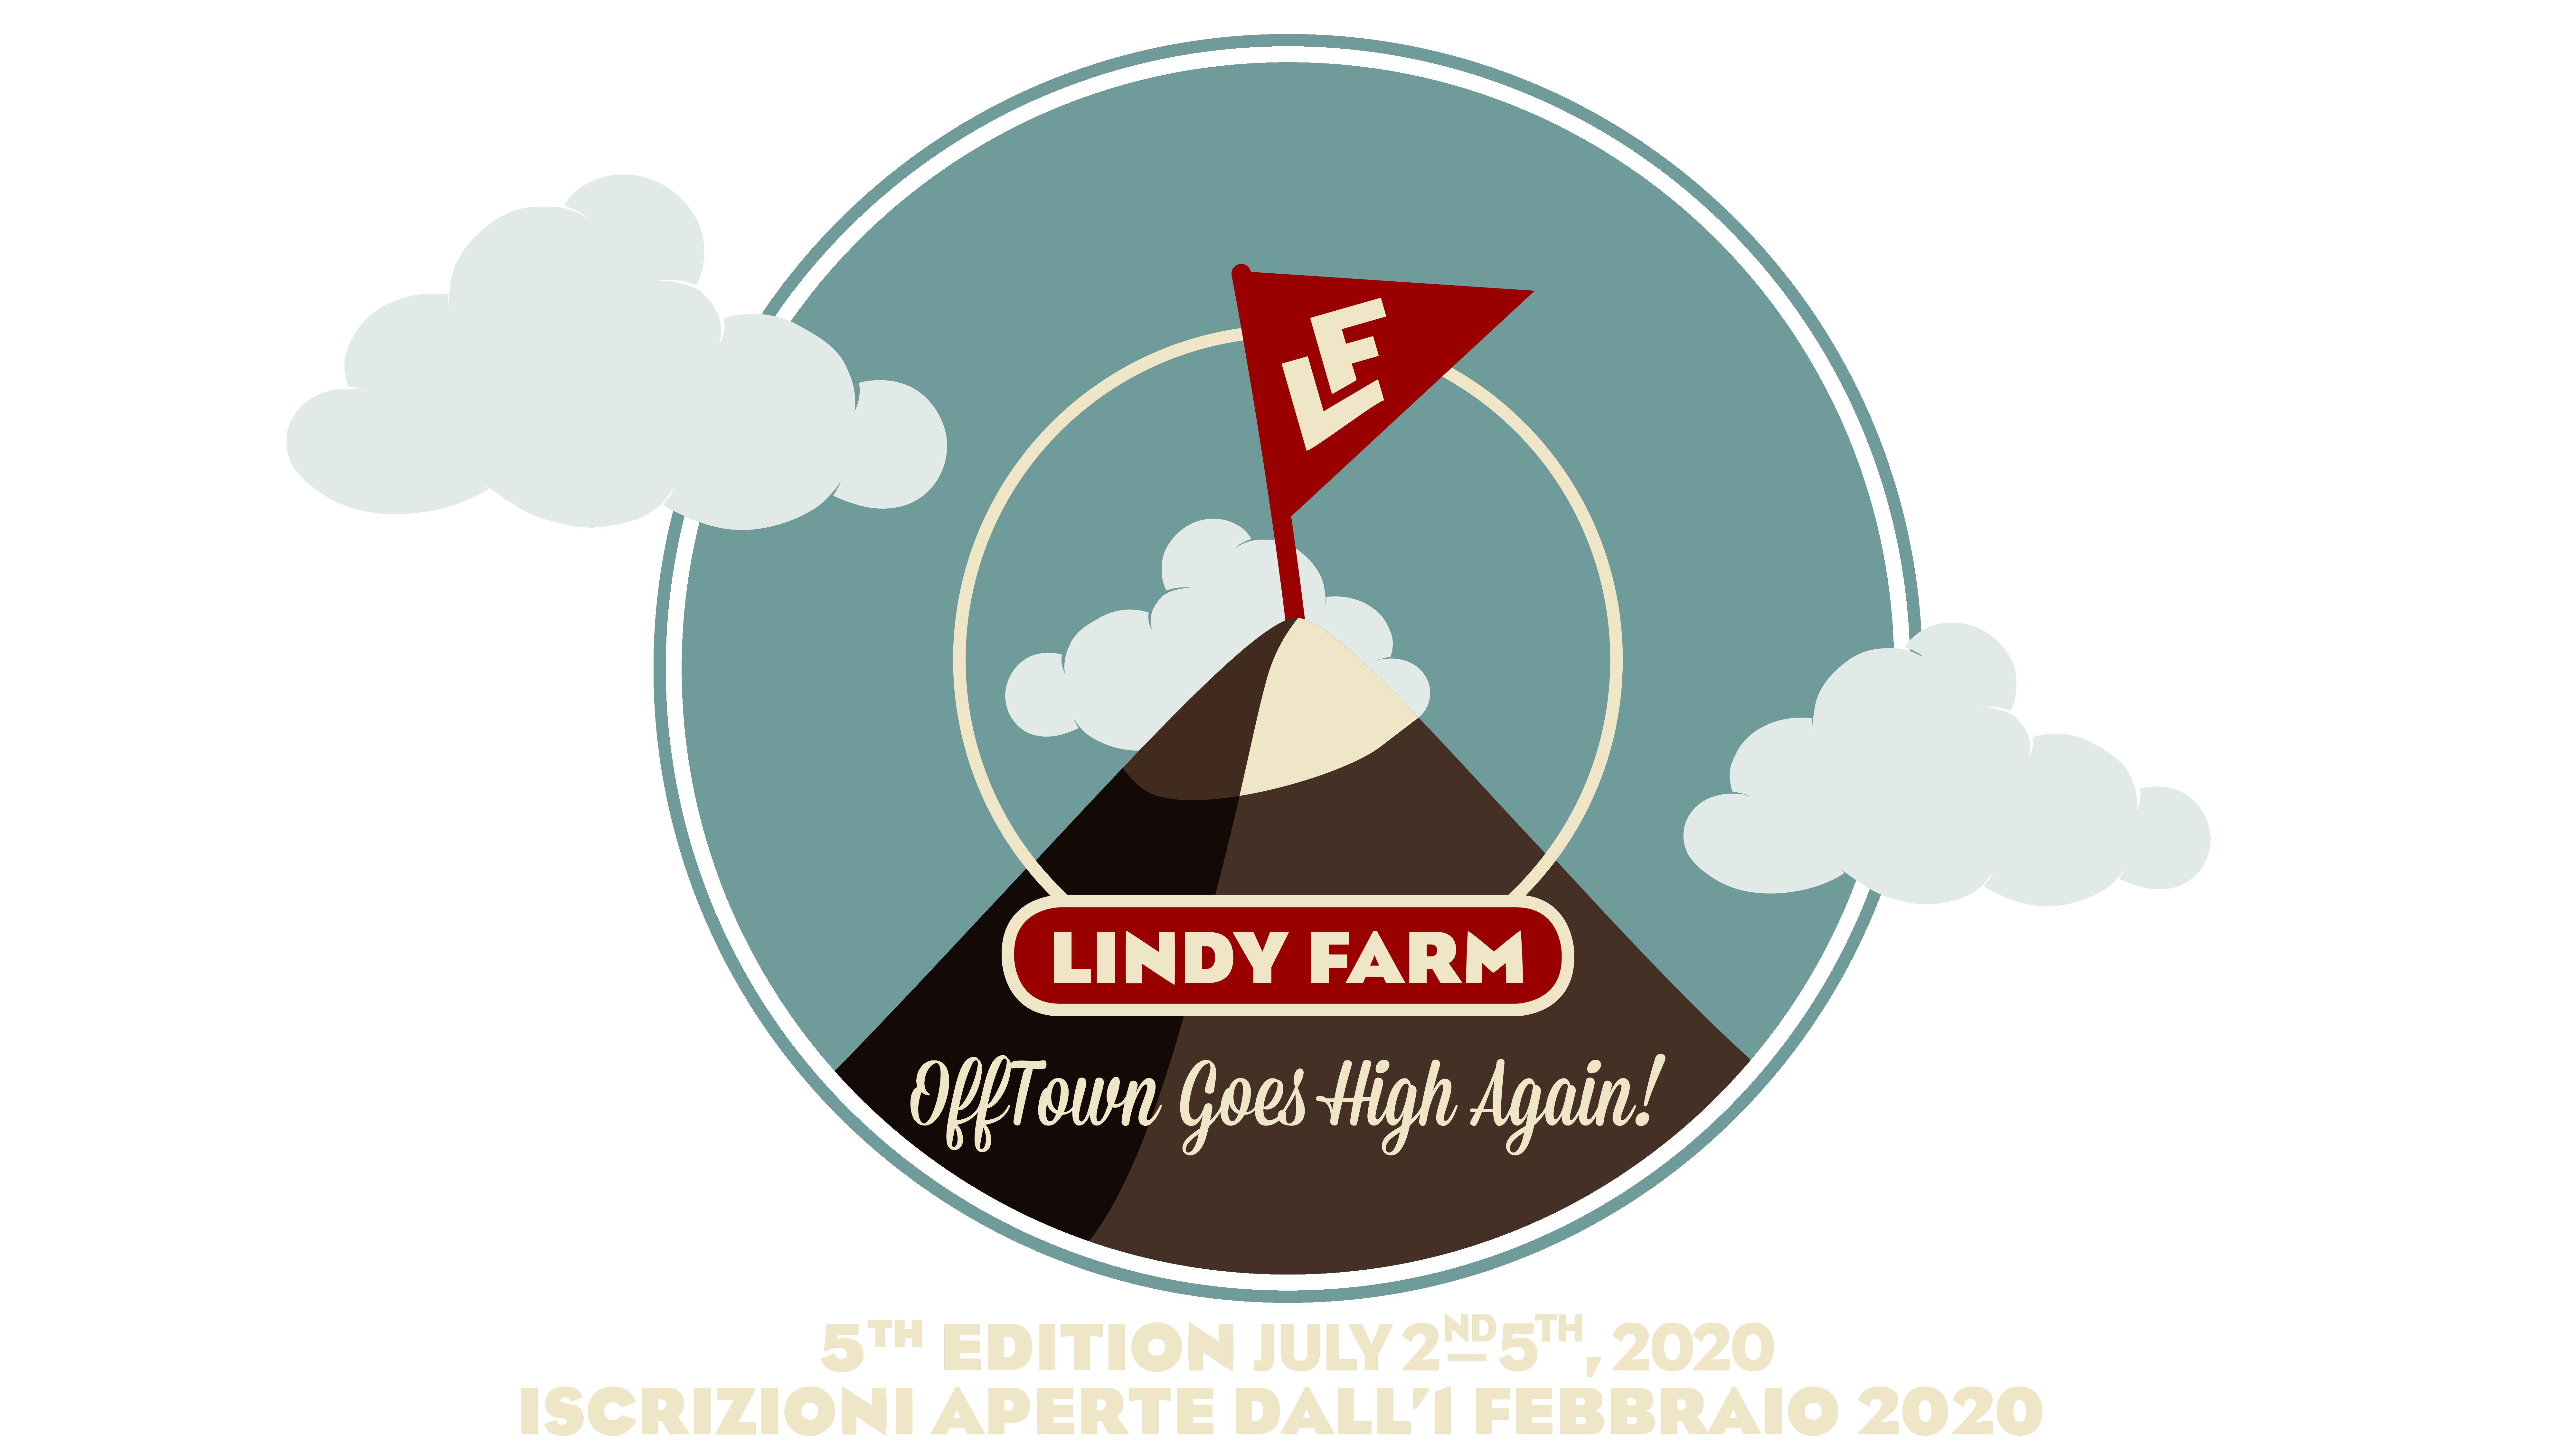 LindyFarm5